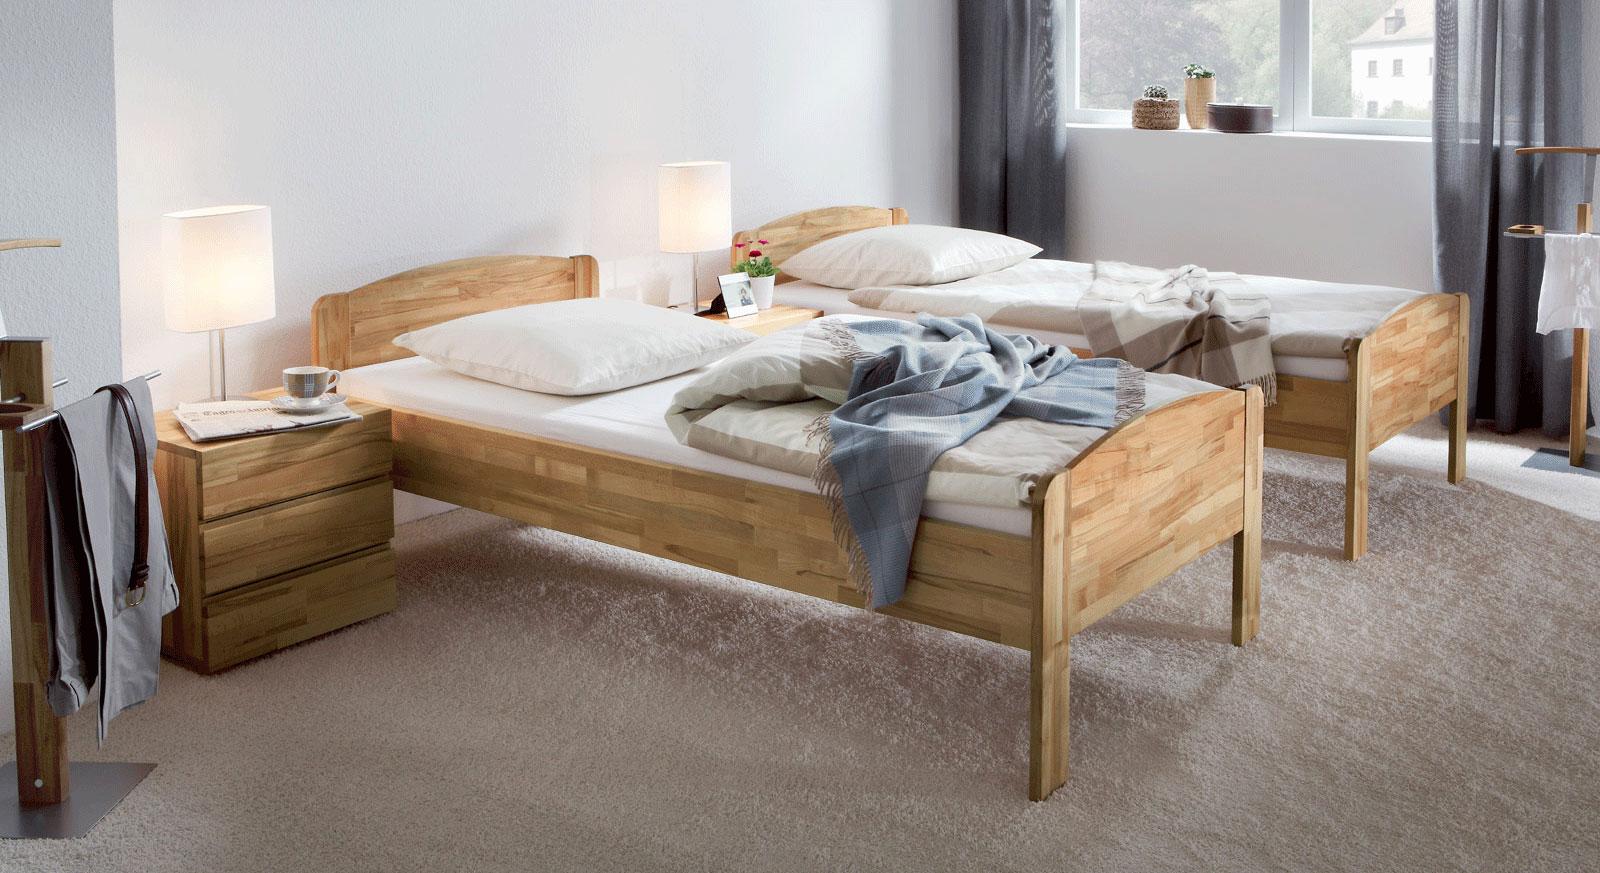 download hochwertiges bett fur schlafzimmer qualitatsgarantie ... - Hochwertiges Bett Fur Schlafzimmer Qualitatsgarantie